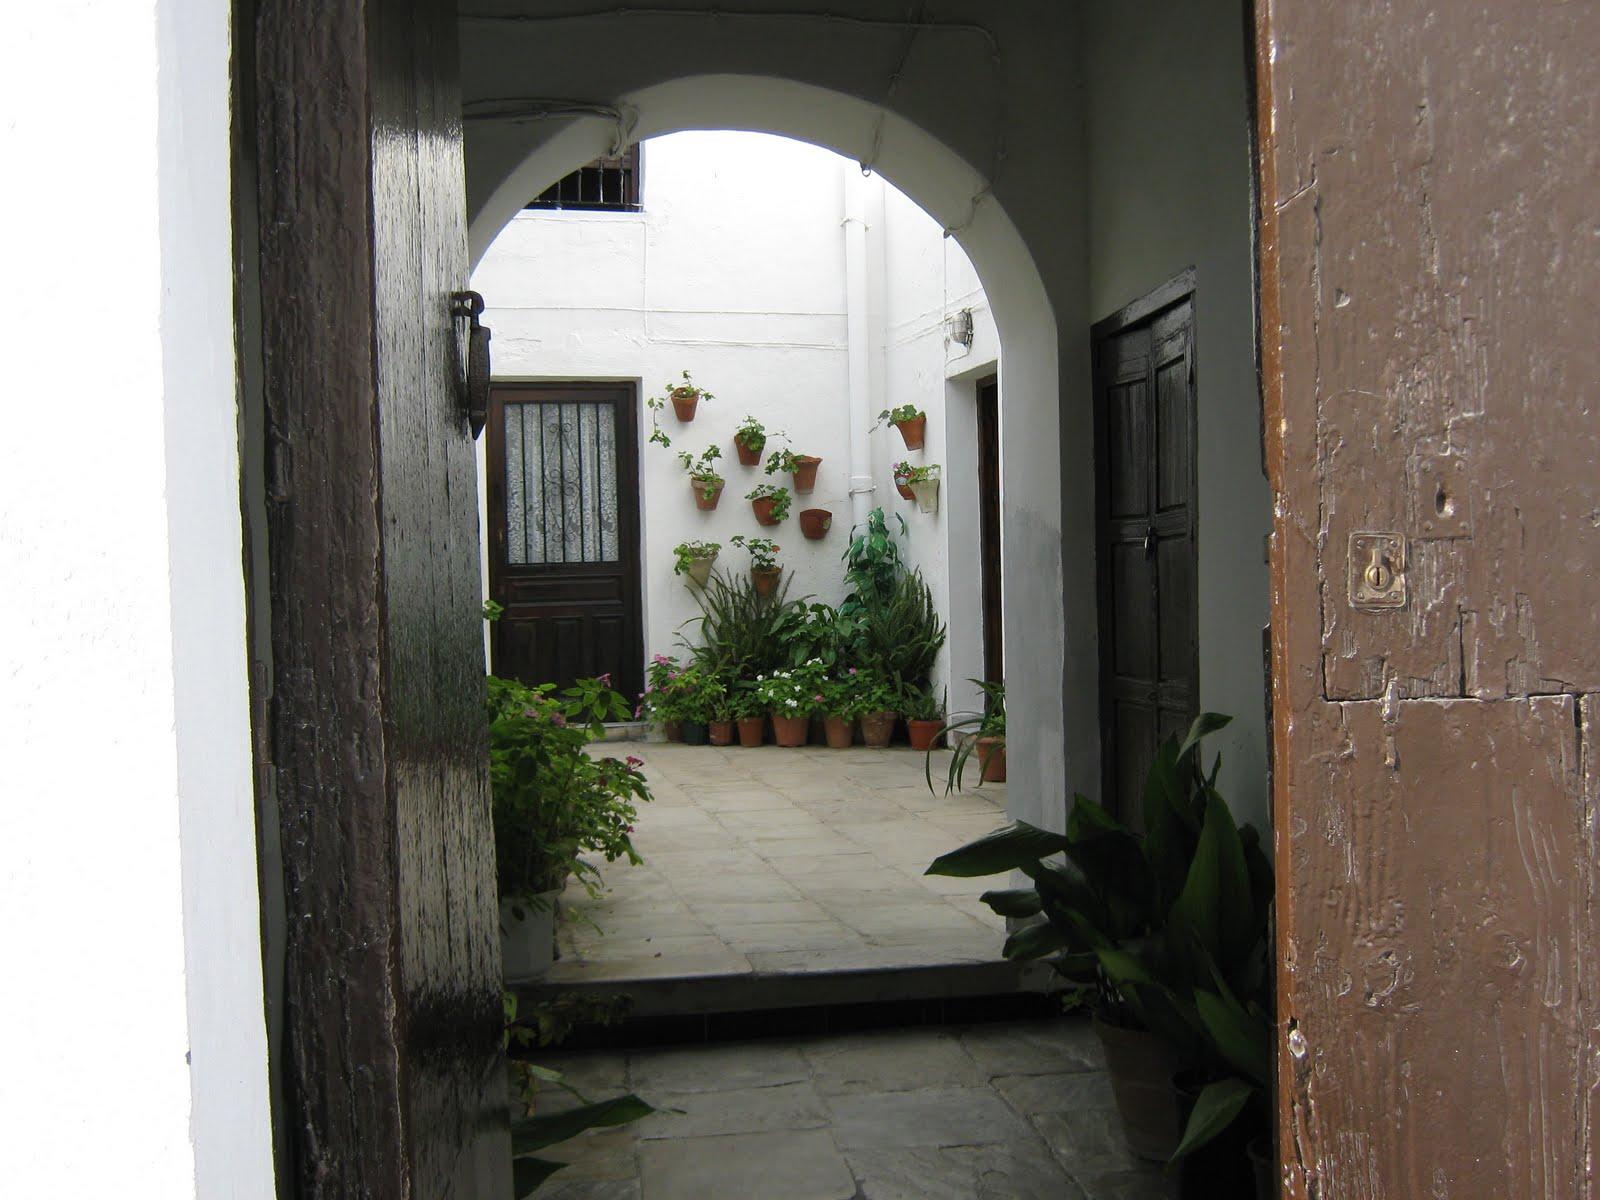 120 zaguan casa moderna portalinox puertas de portal de